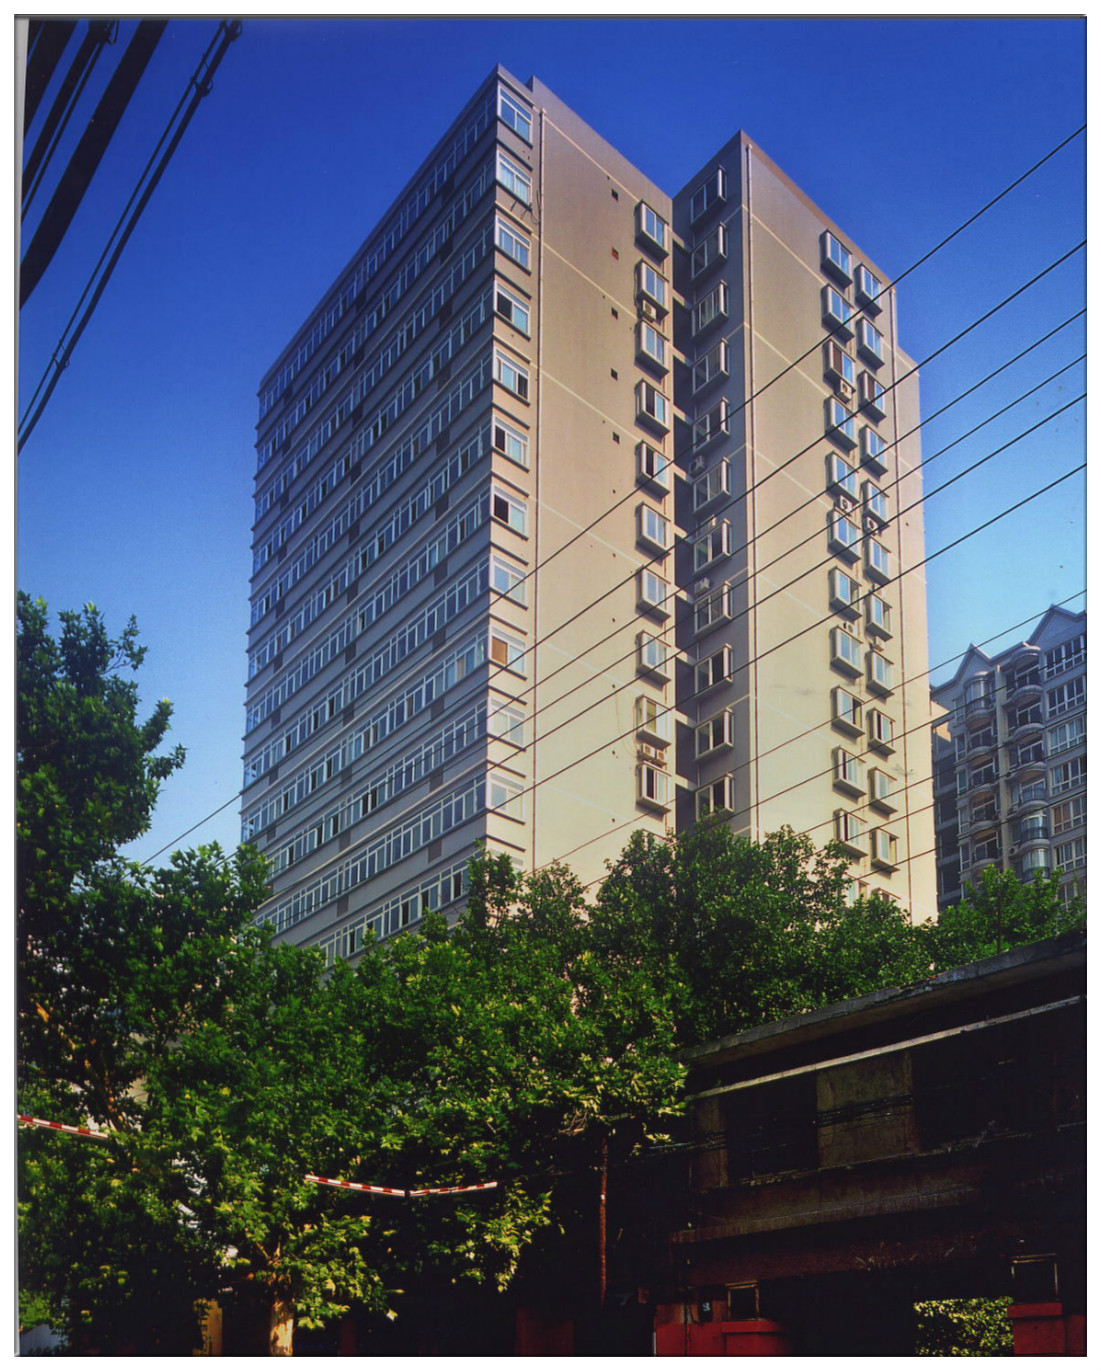 西安市团结东路时代家园1号楼万博max电脑网页版登录入口